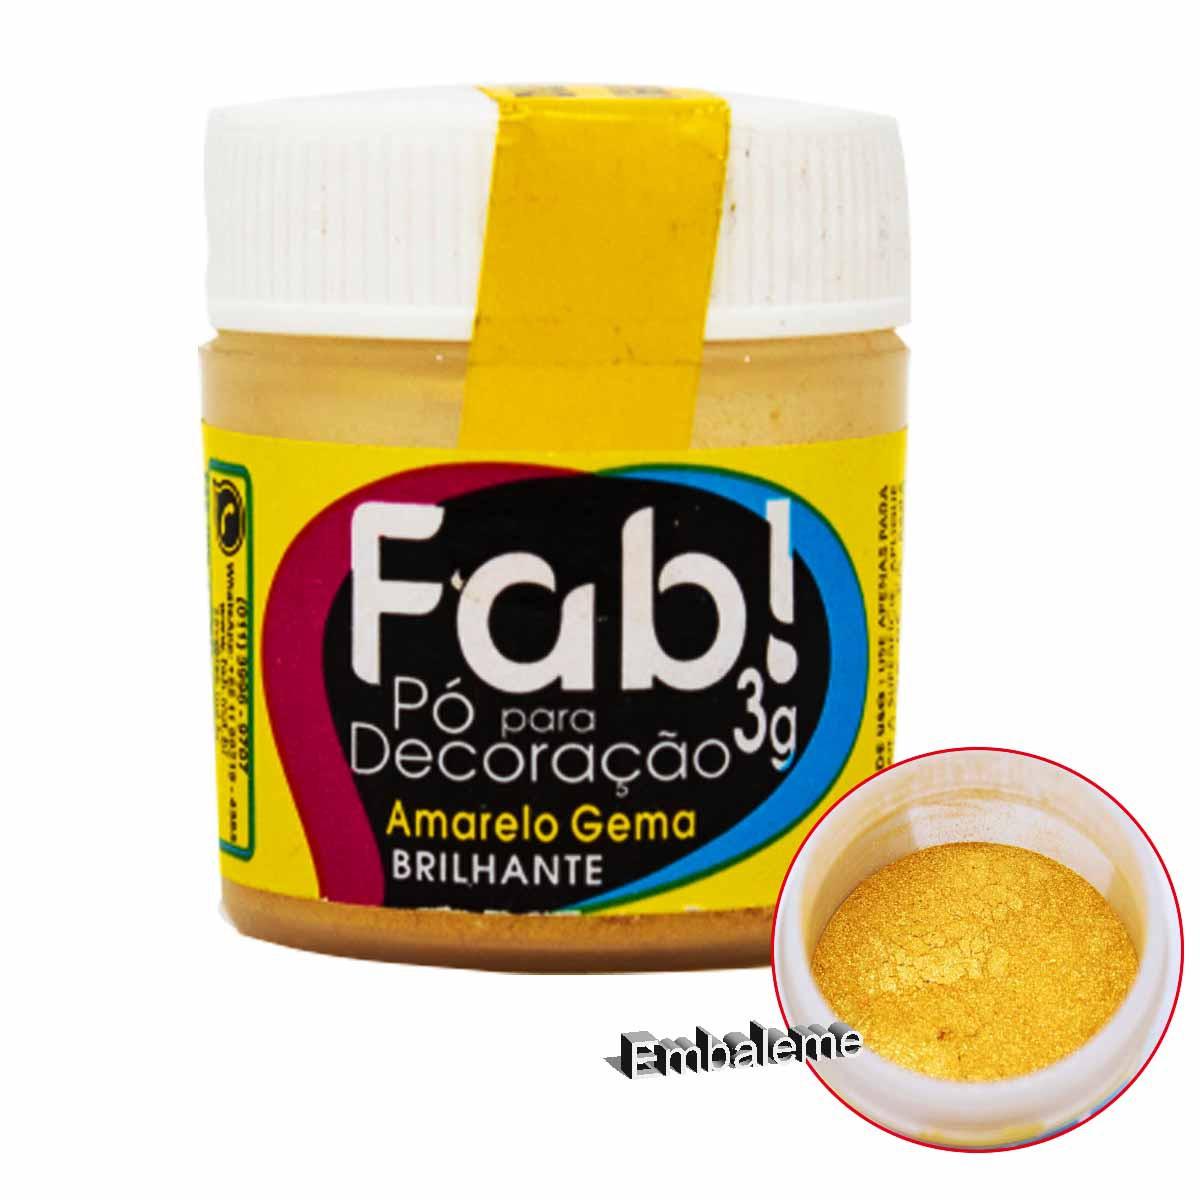 Pó para Decoração Amarelo Gema 3g FAB